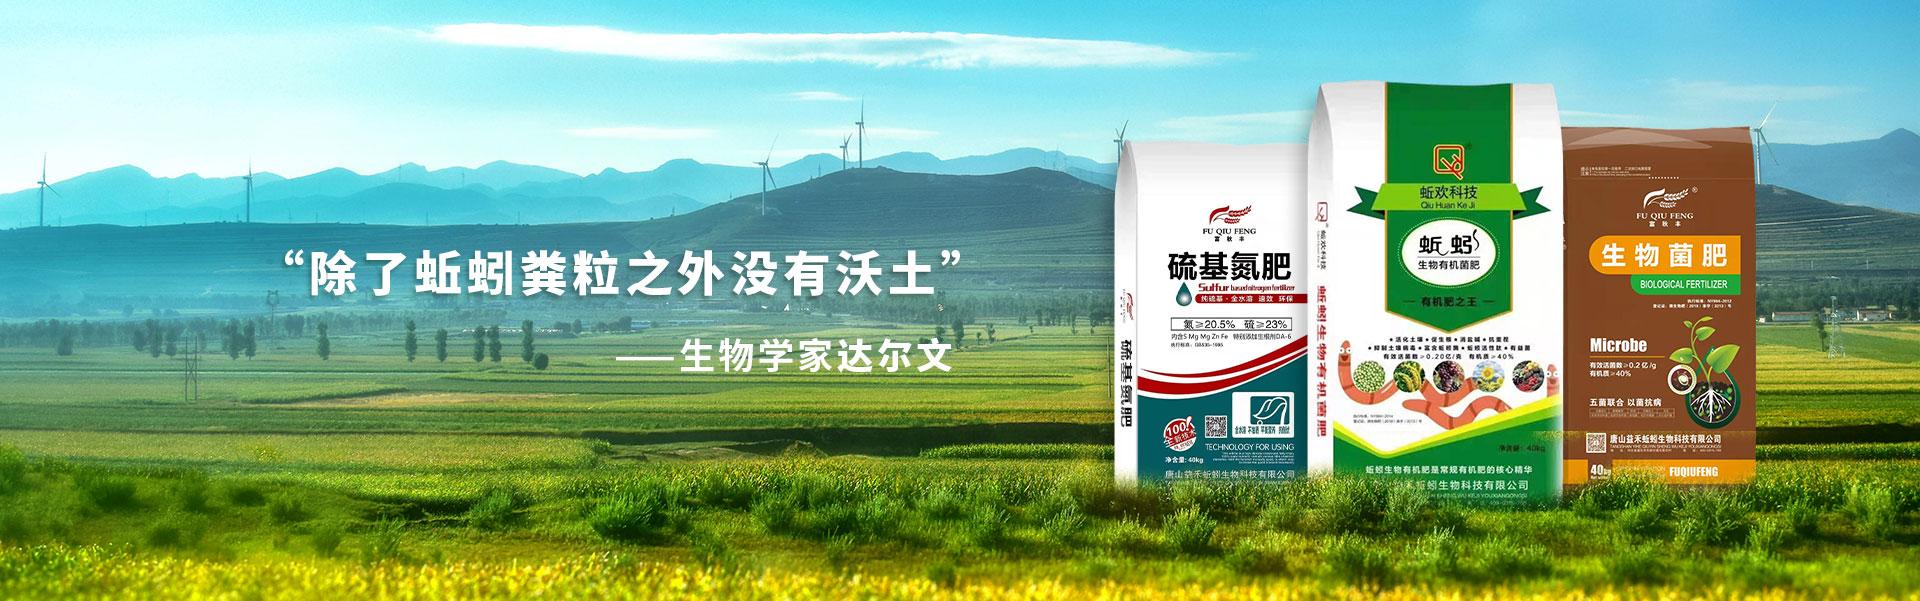 唐山益禾蚯蚓生物科技有限公司